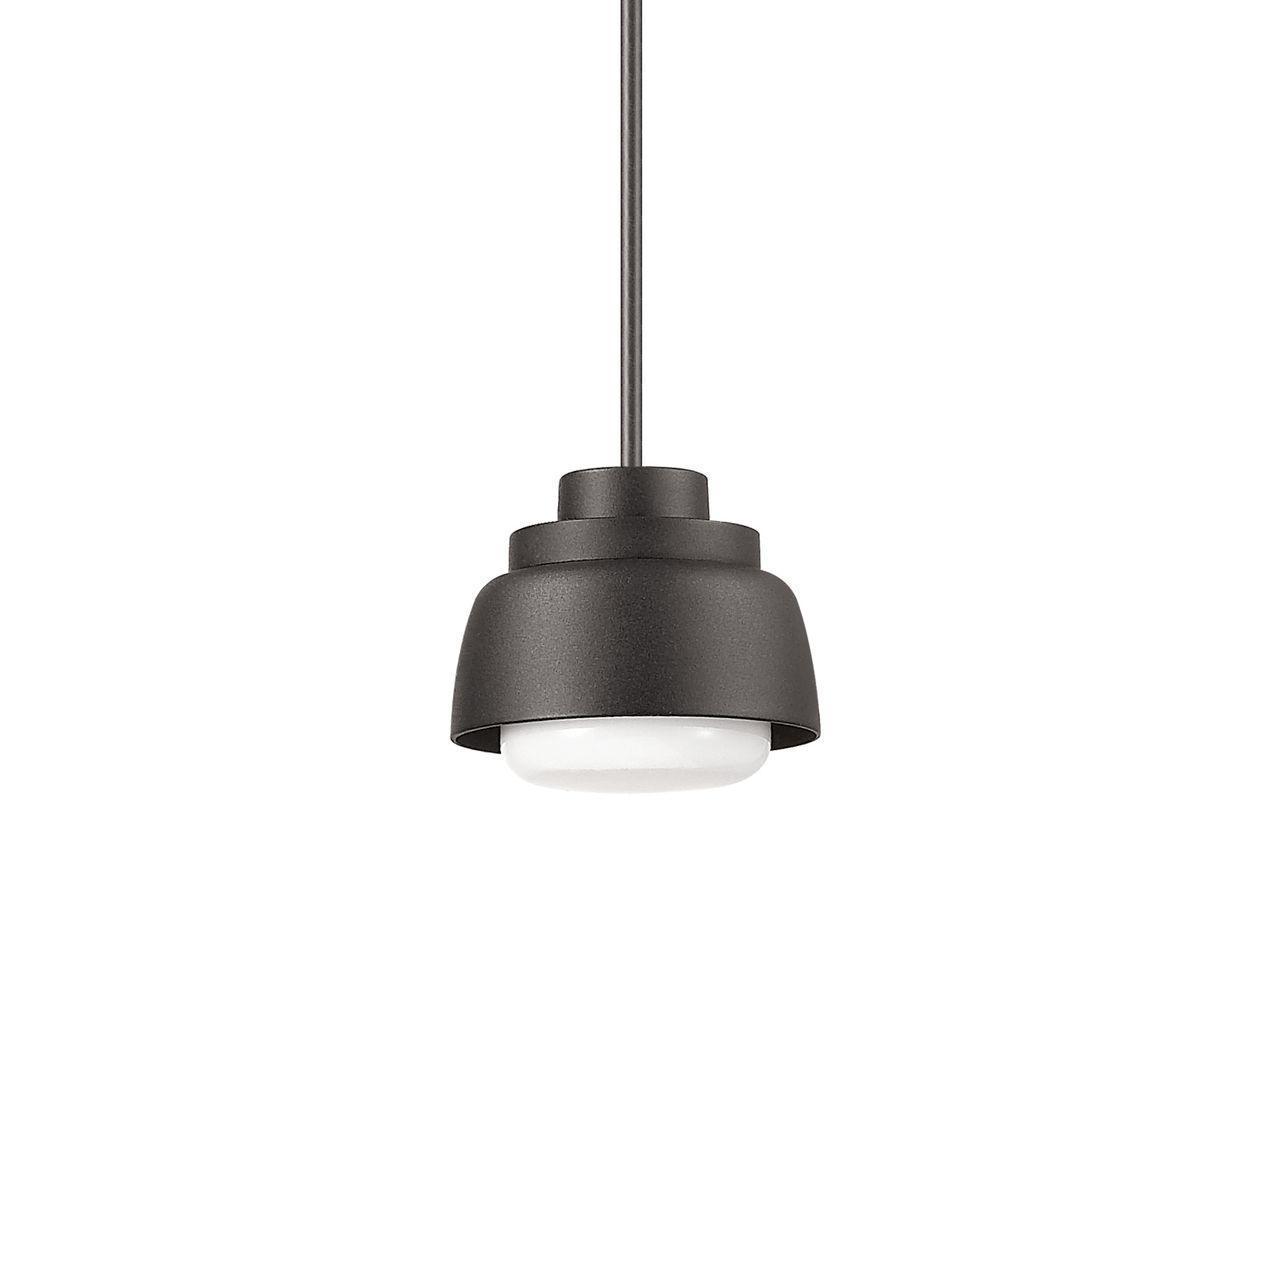 Уличный подвесной светодиодный светильник Ideal Lux Marmalade SP1 Nero подвесной светодиодный светильник ideal lux desk sp1